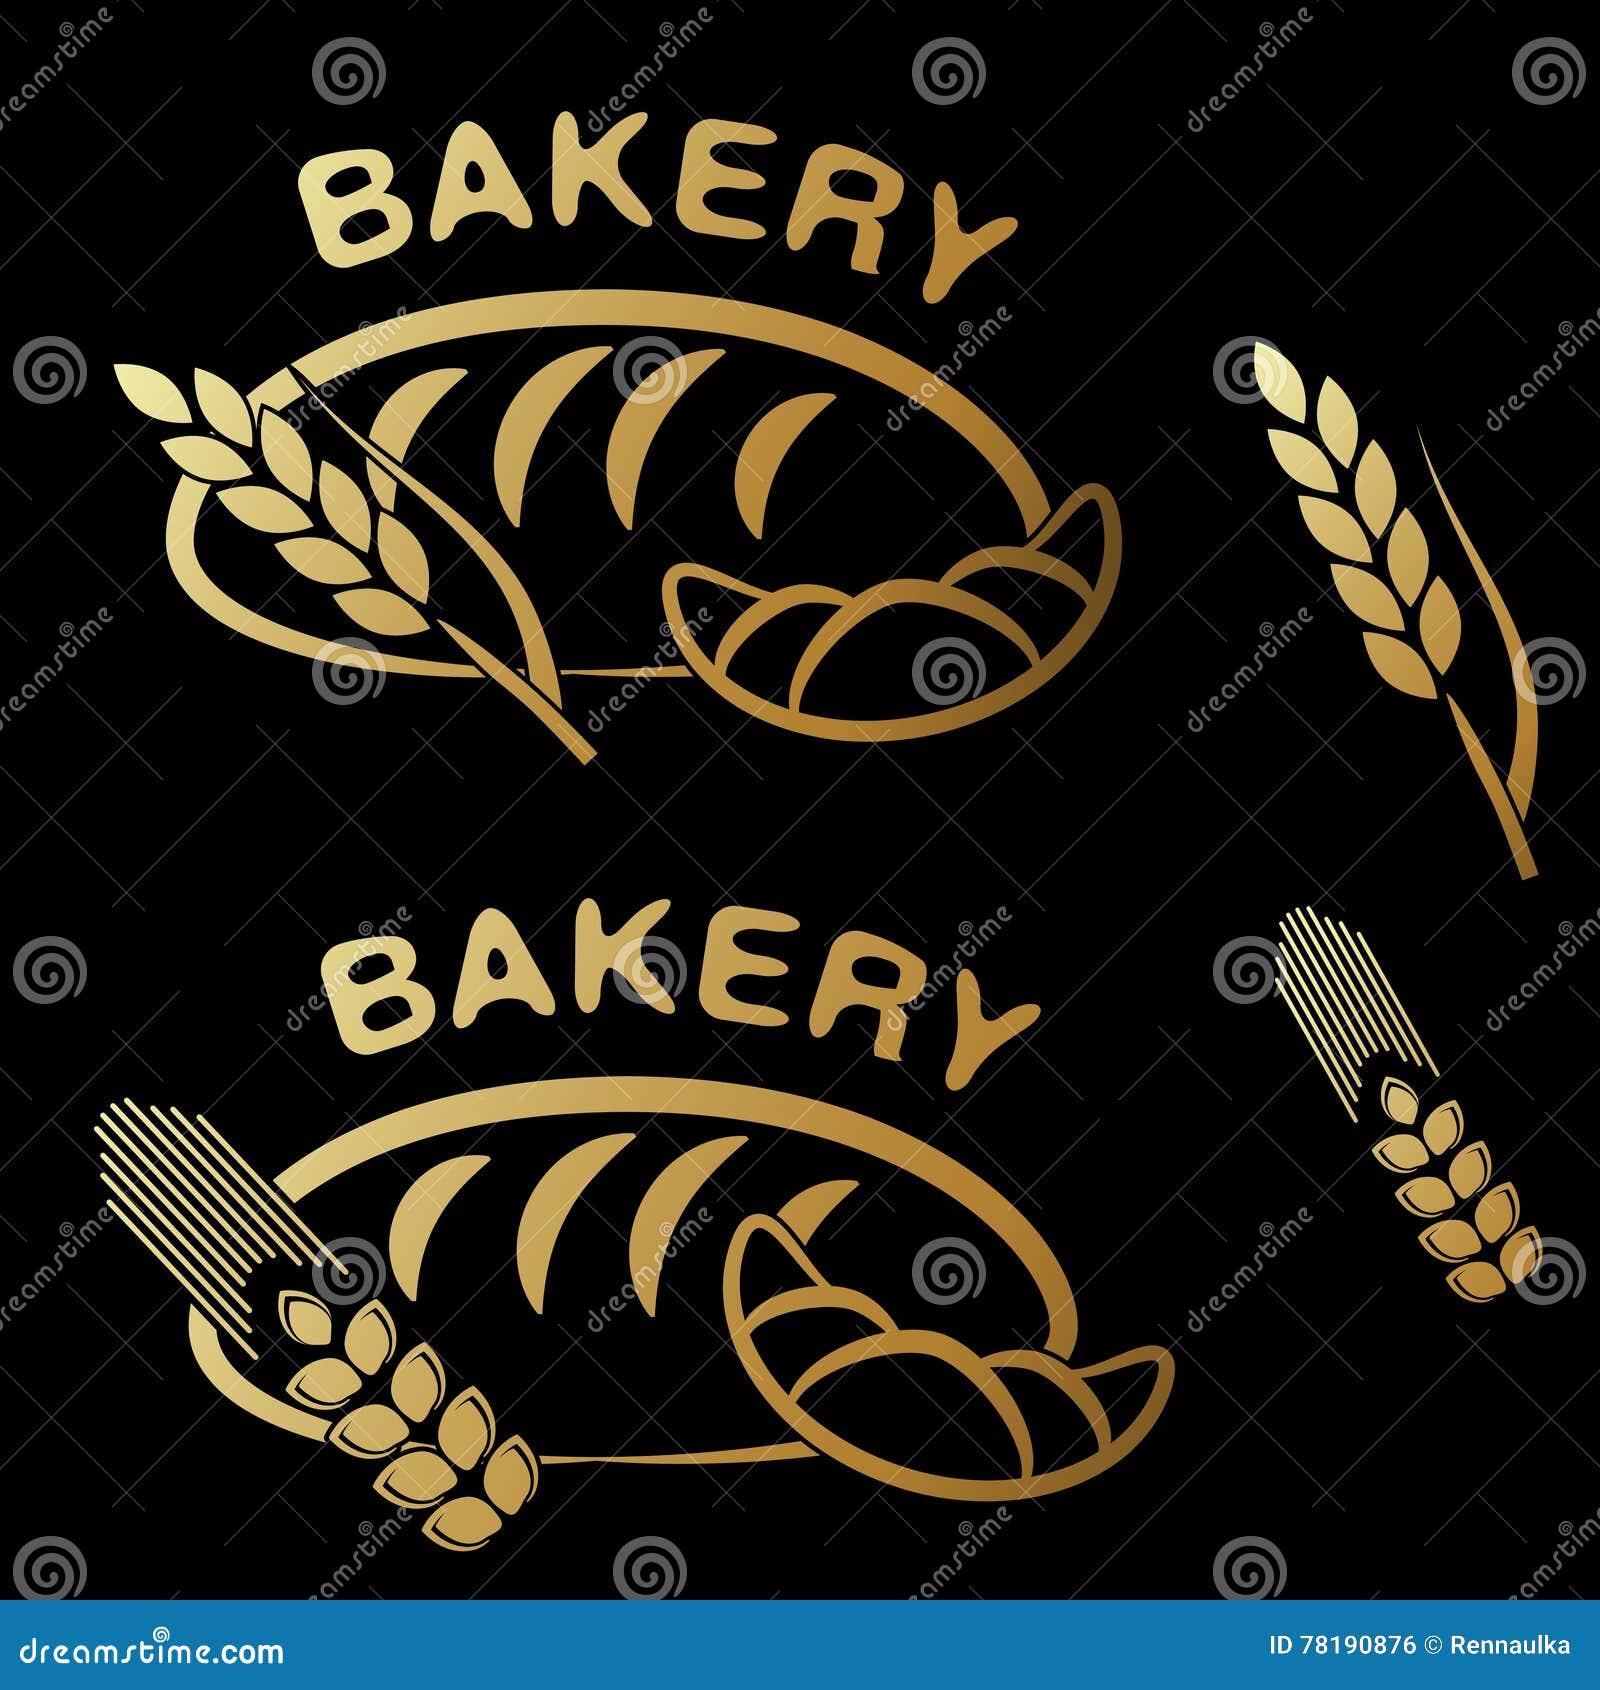 Σύμβολα καταστημάτων αρτοποιείων Χρυσό απλό εικονίδιο του croissant, σιταριού ψωμιού και ακίδων στο μαύρο υπόβαθρο